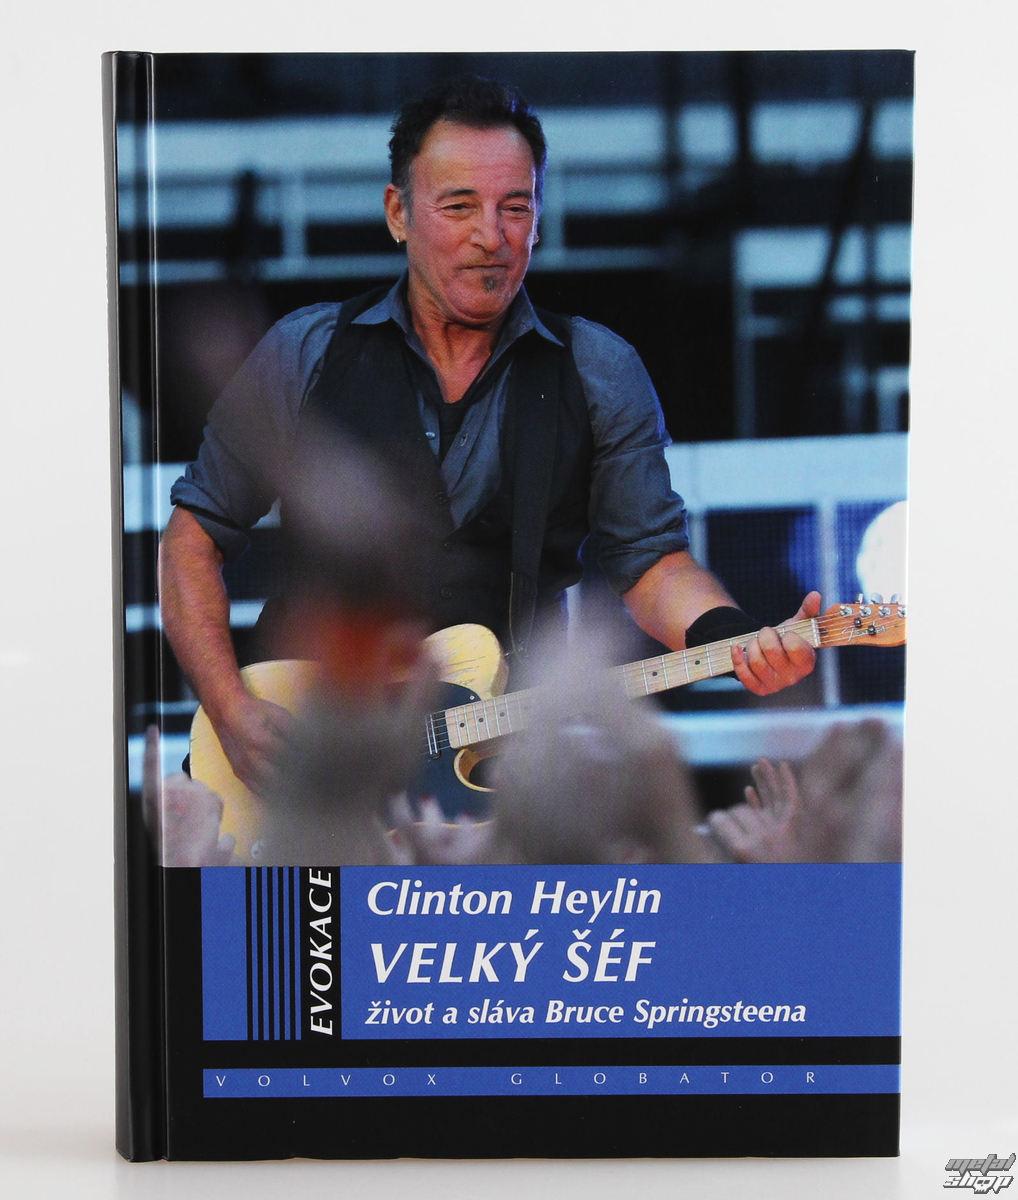 kniha Veľký šéf - život a sláva Bruce Springsteena - Clinton Heylin